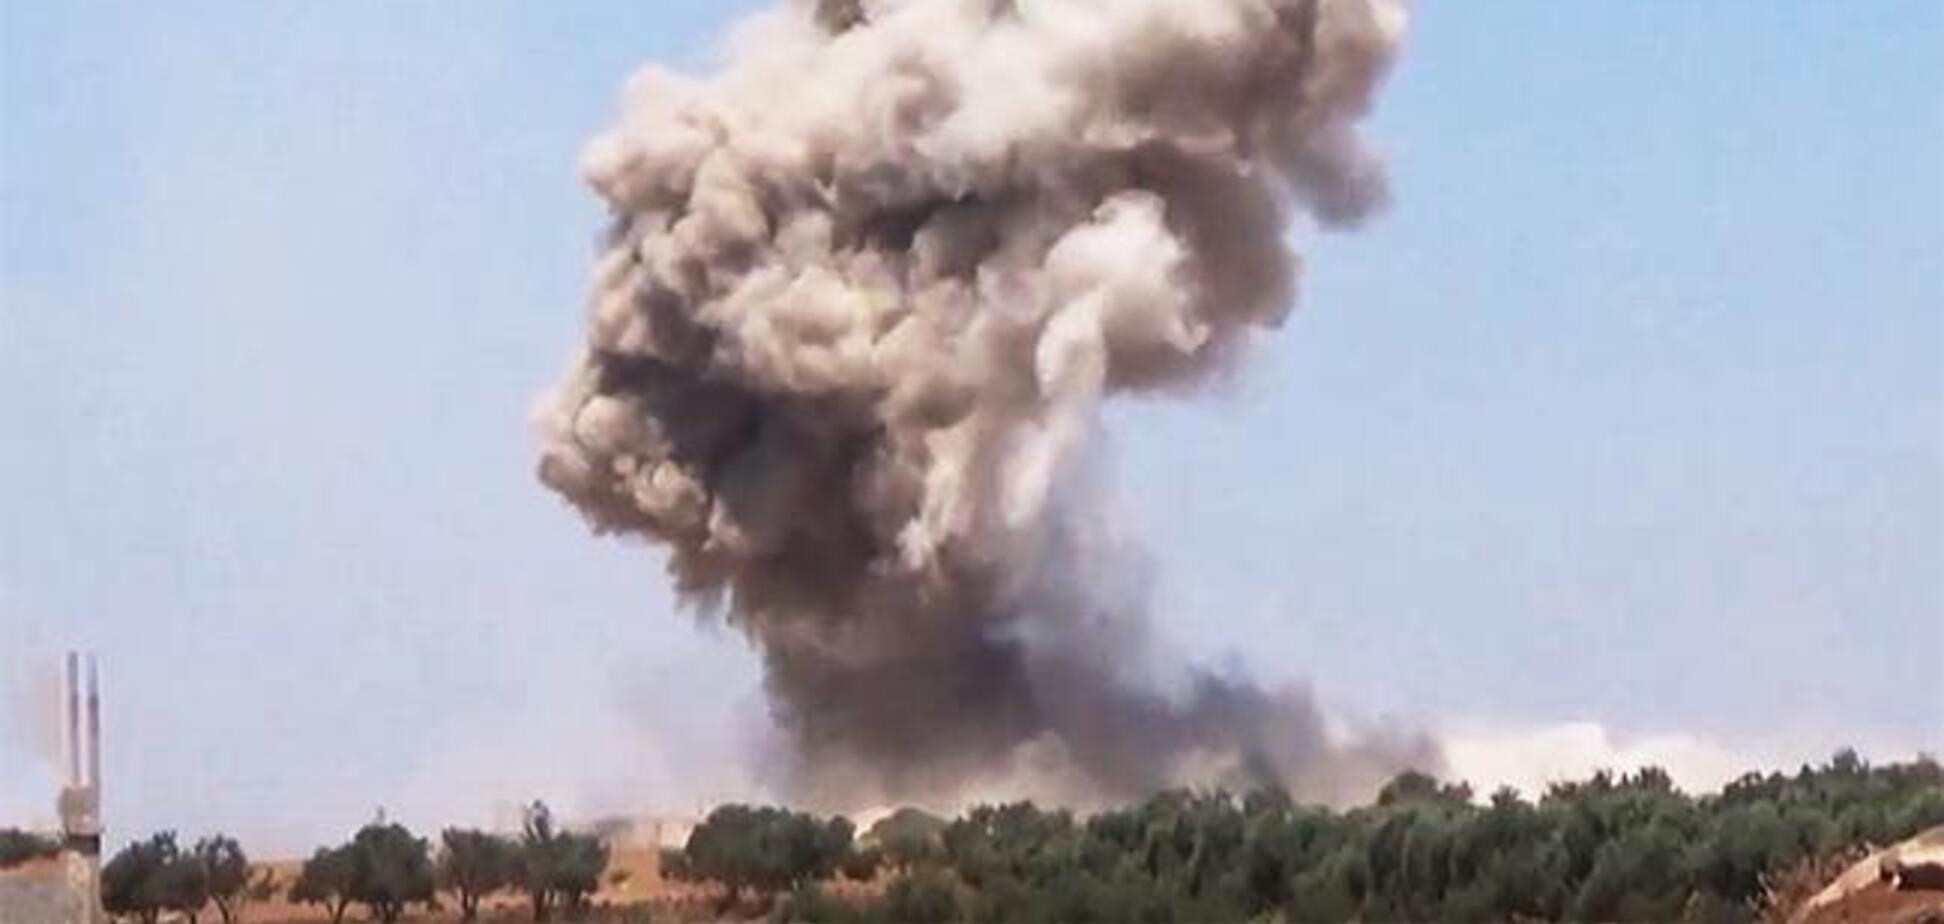 Сектора Гази запустив ракету по Ізраїлю